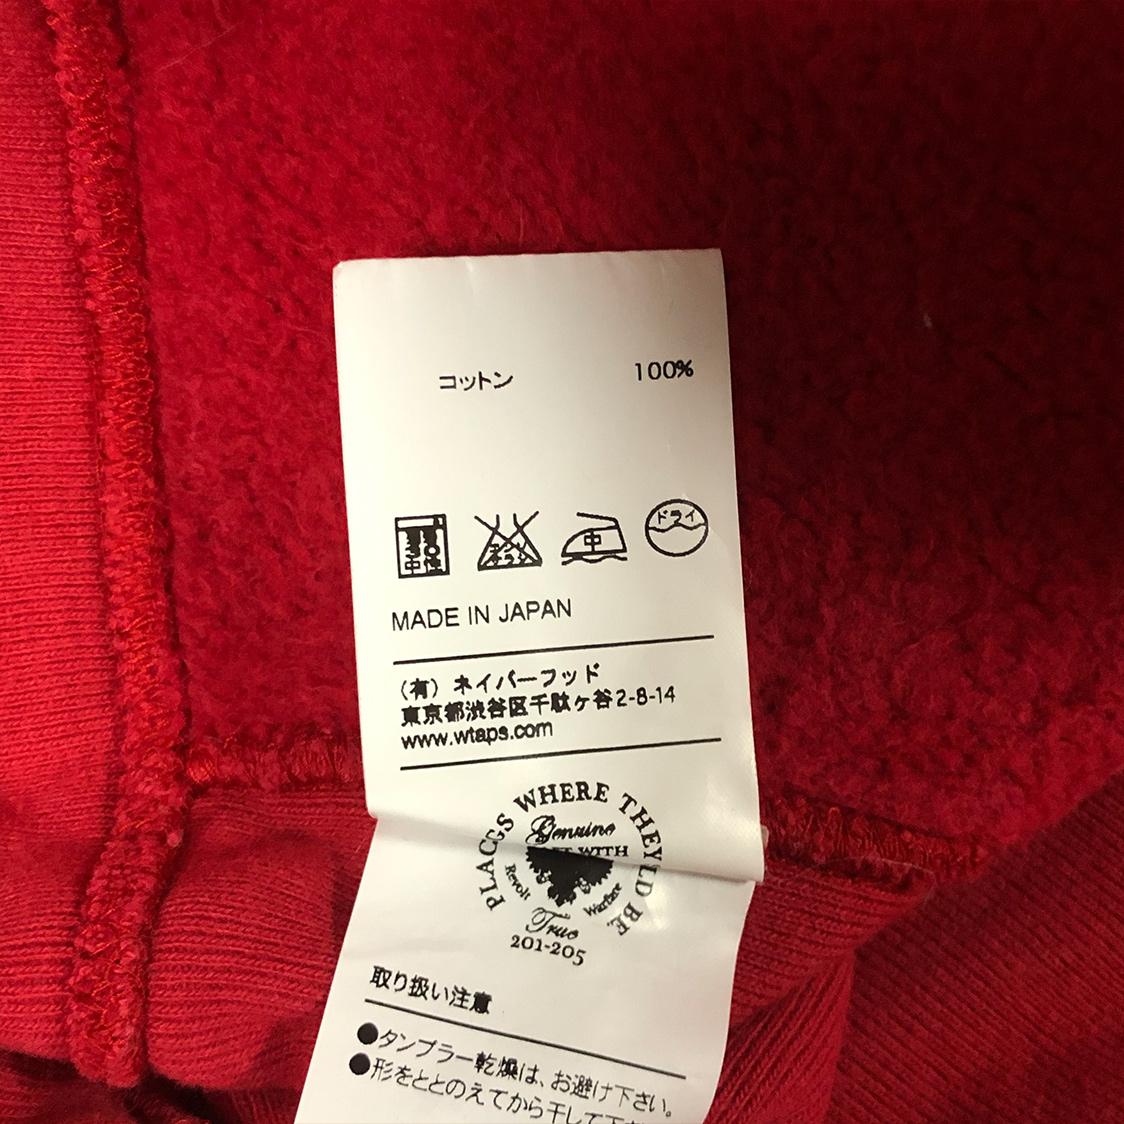 WTAPS ダブルタップス 【Mサイズ】 ロゴ プルオーバー パーカー フーディ レッド